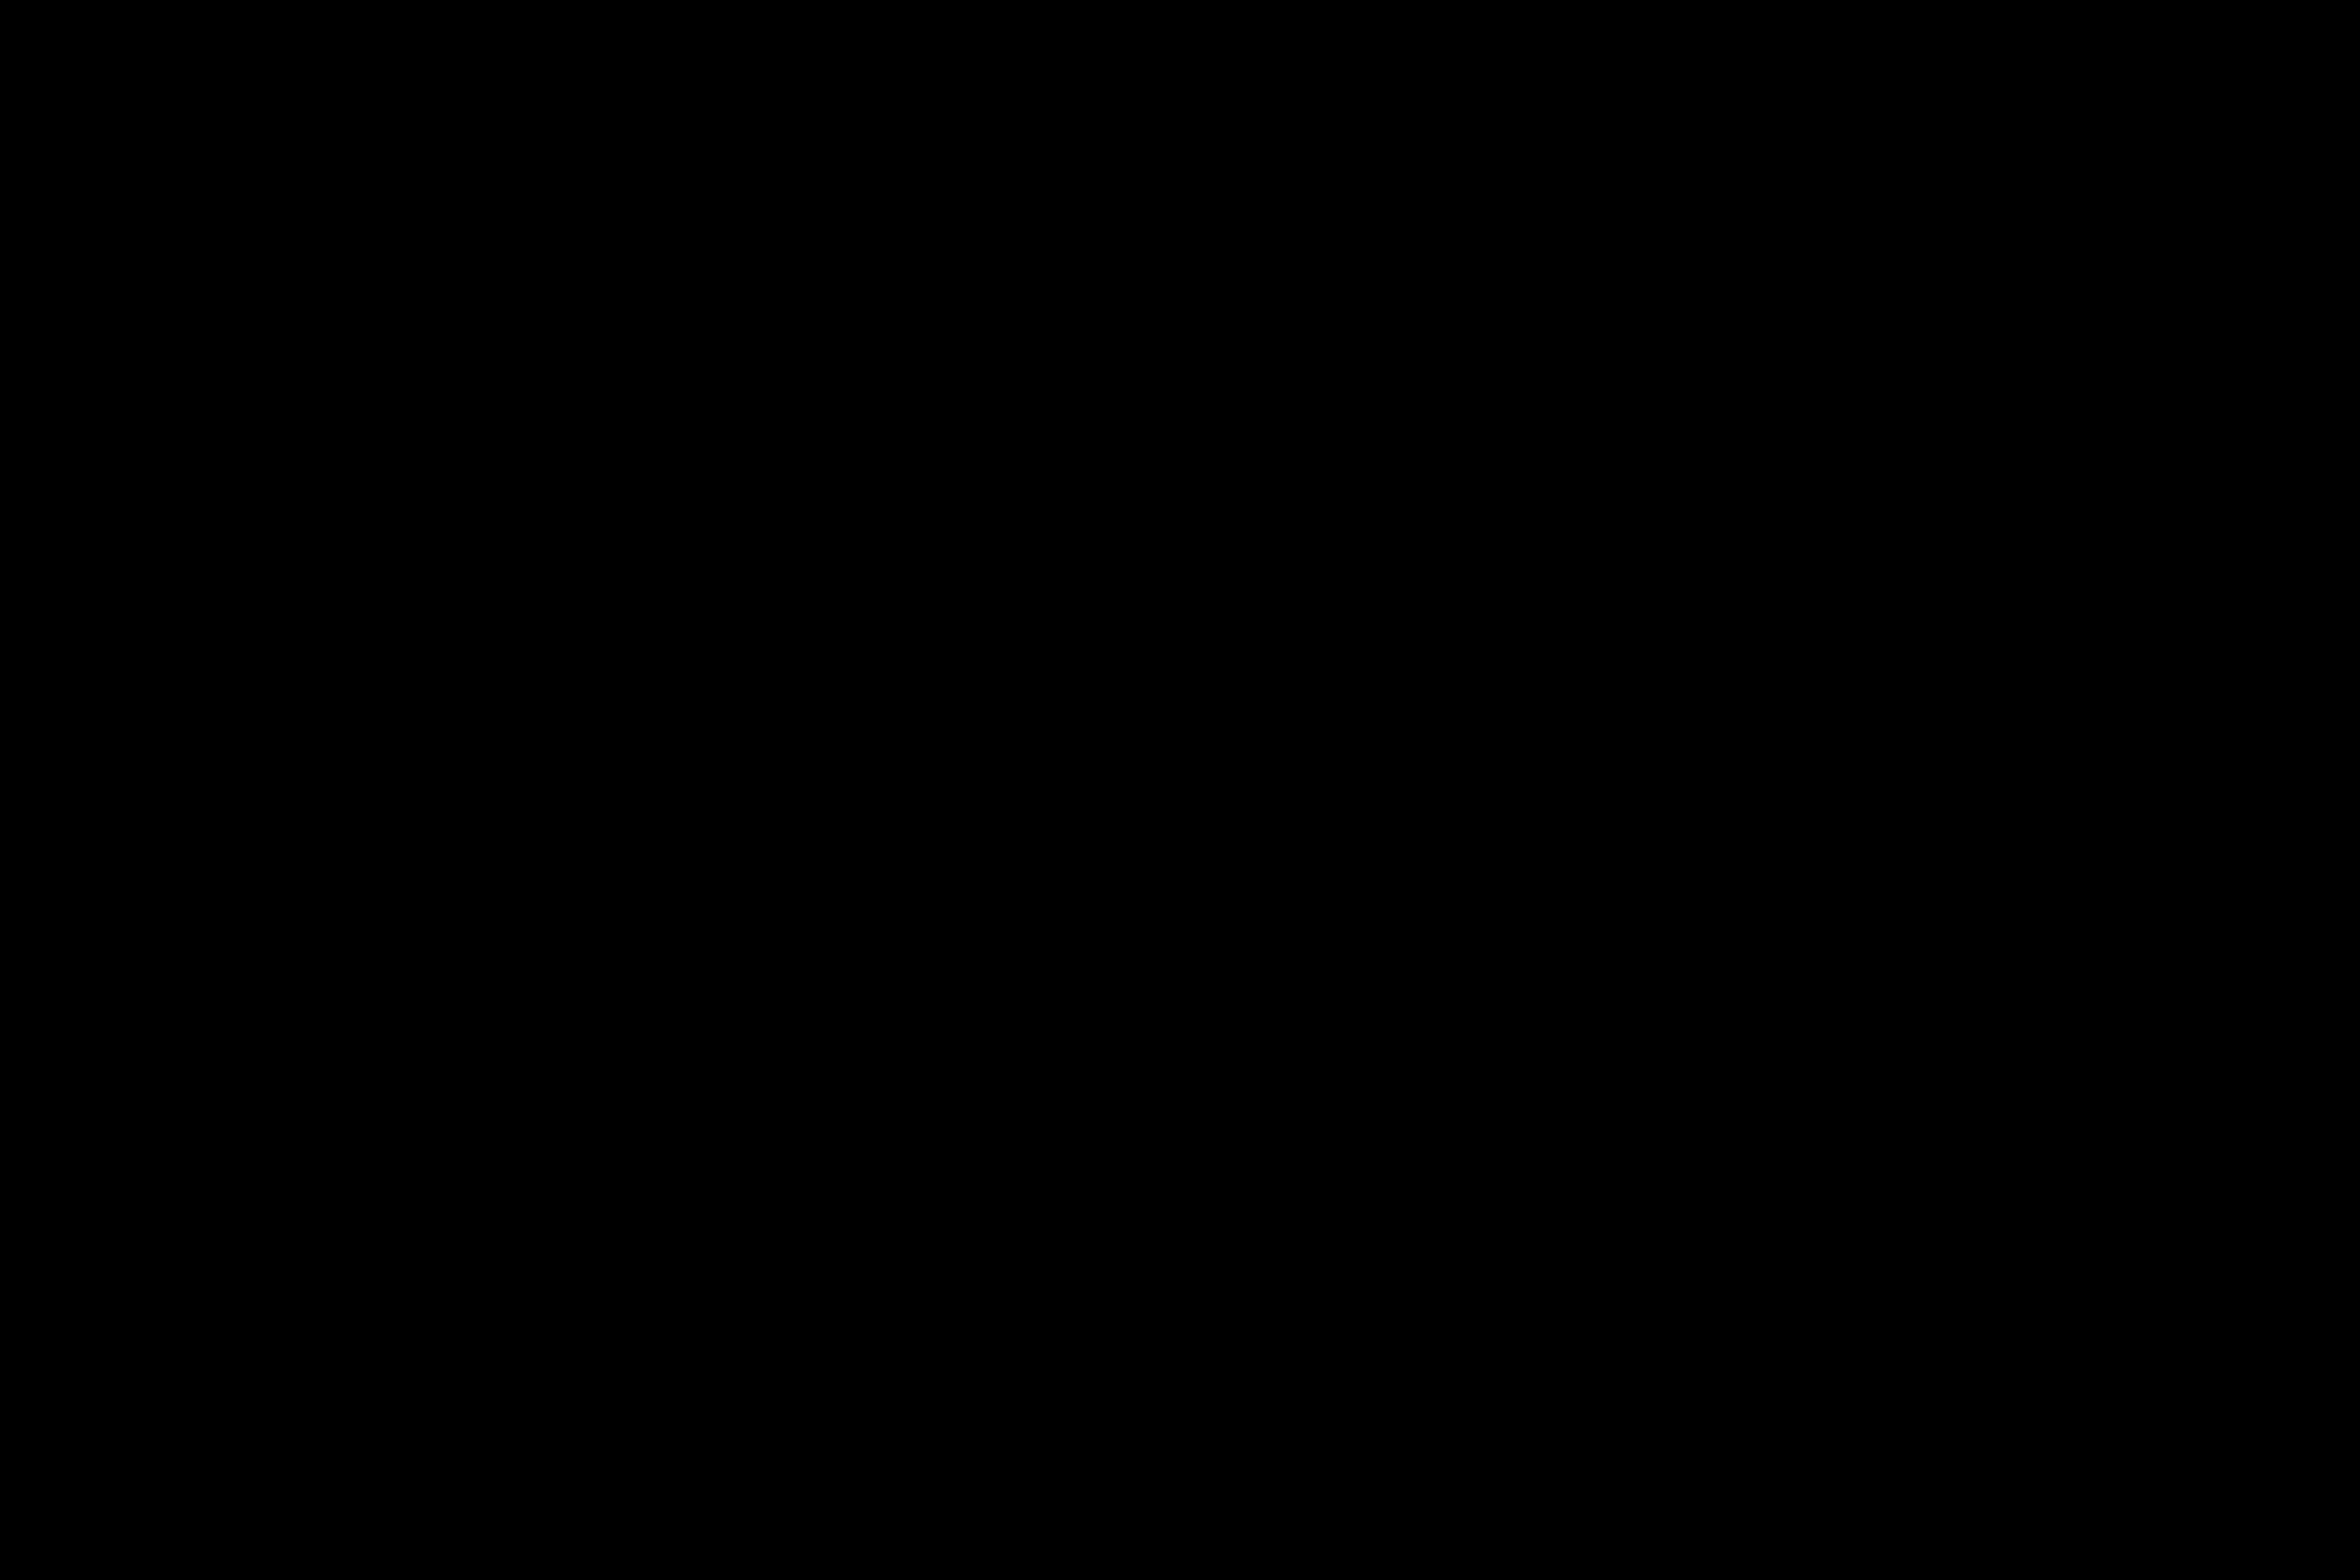 23.3.2018 – 25.03.2018 Targi Budowlane LUBDOM w Lublinie